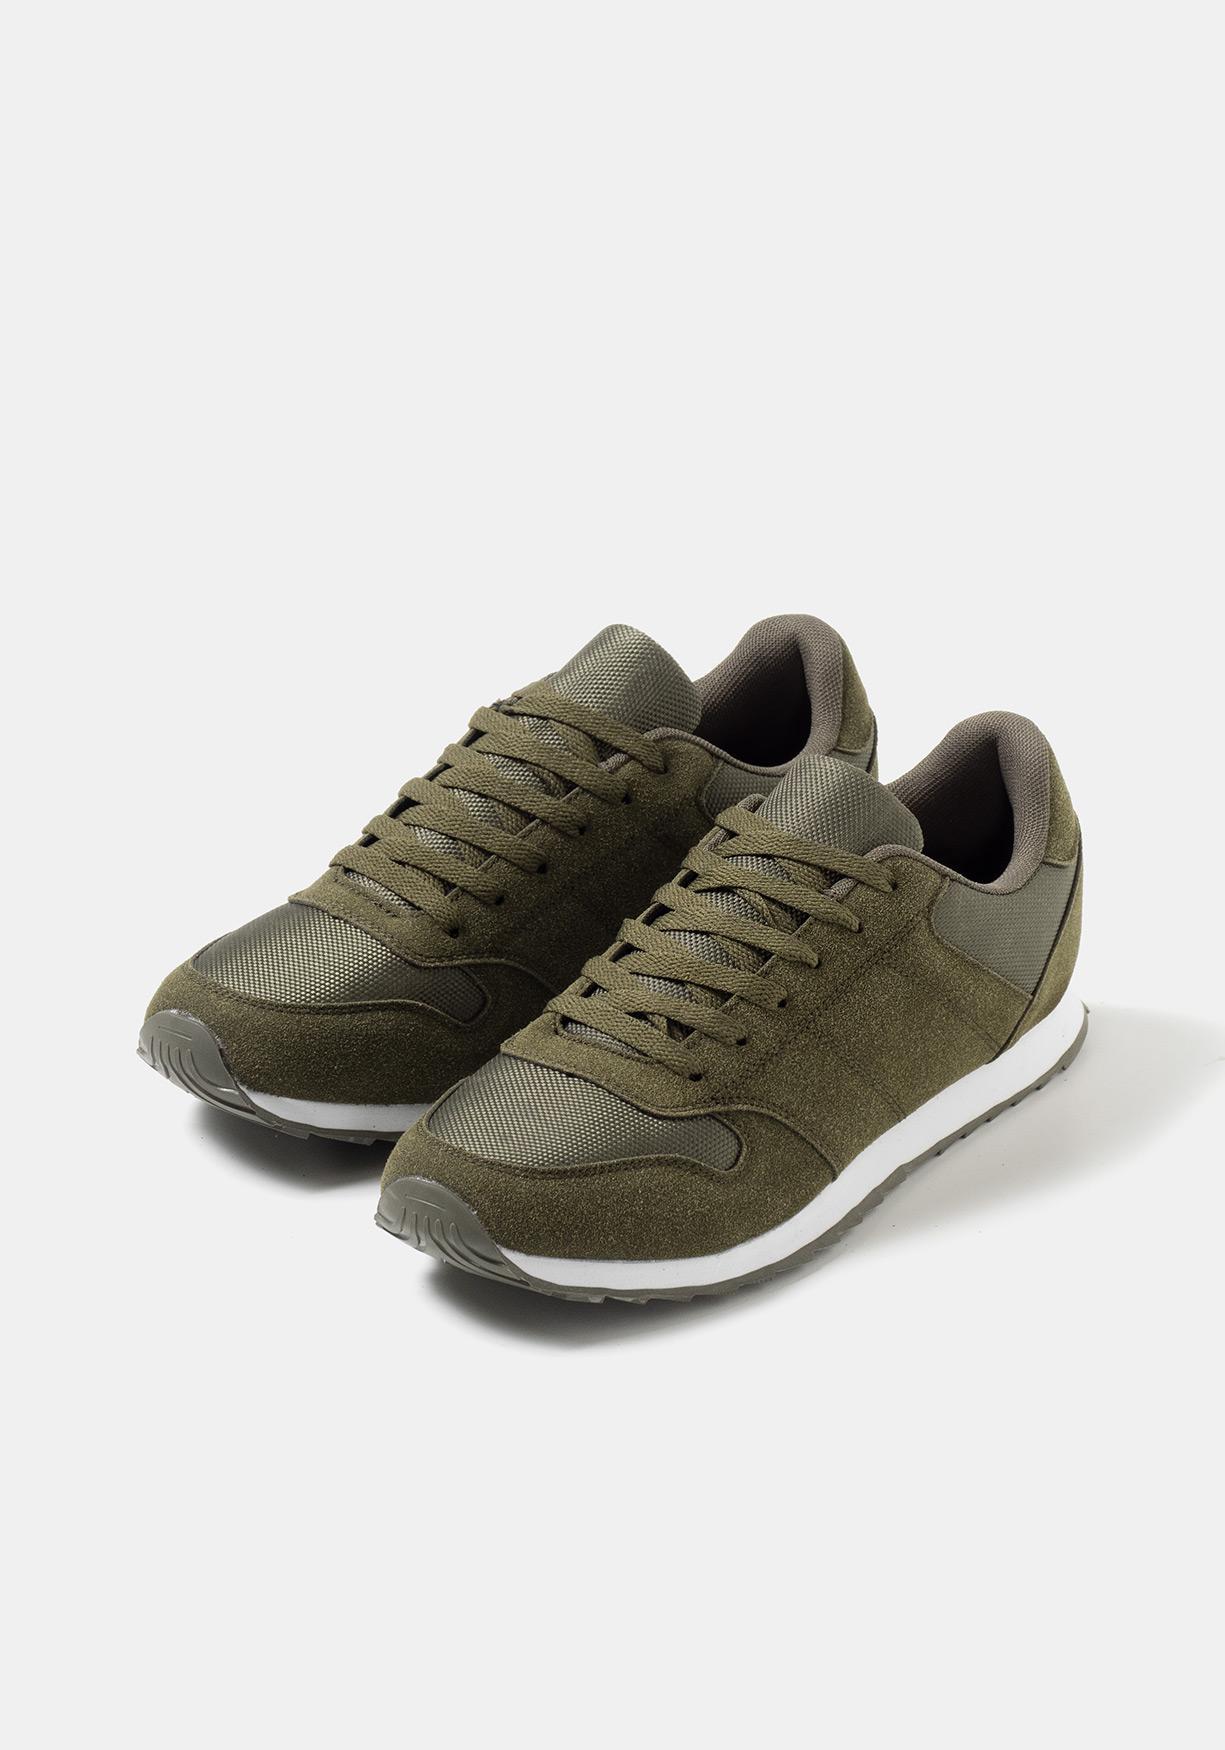 Zapatillas ¡aprovéchate Jogging De Comprar Nuestros Deporte Tex dw1g7q aca03b1e6c2